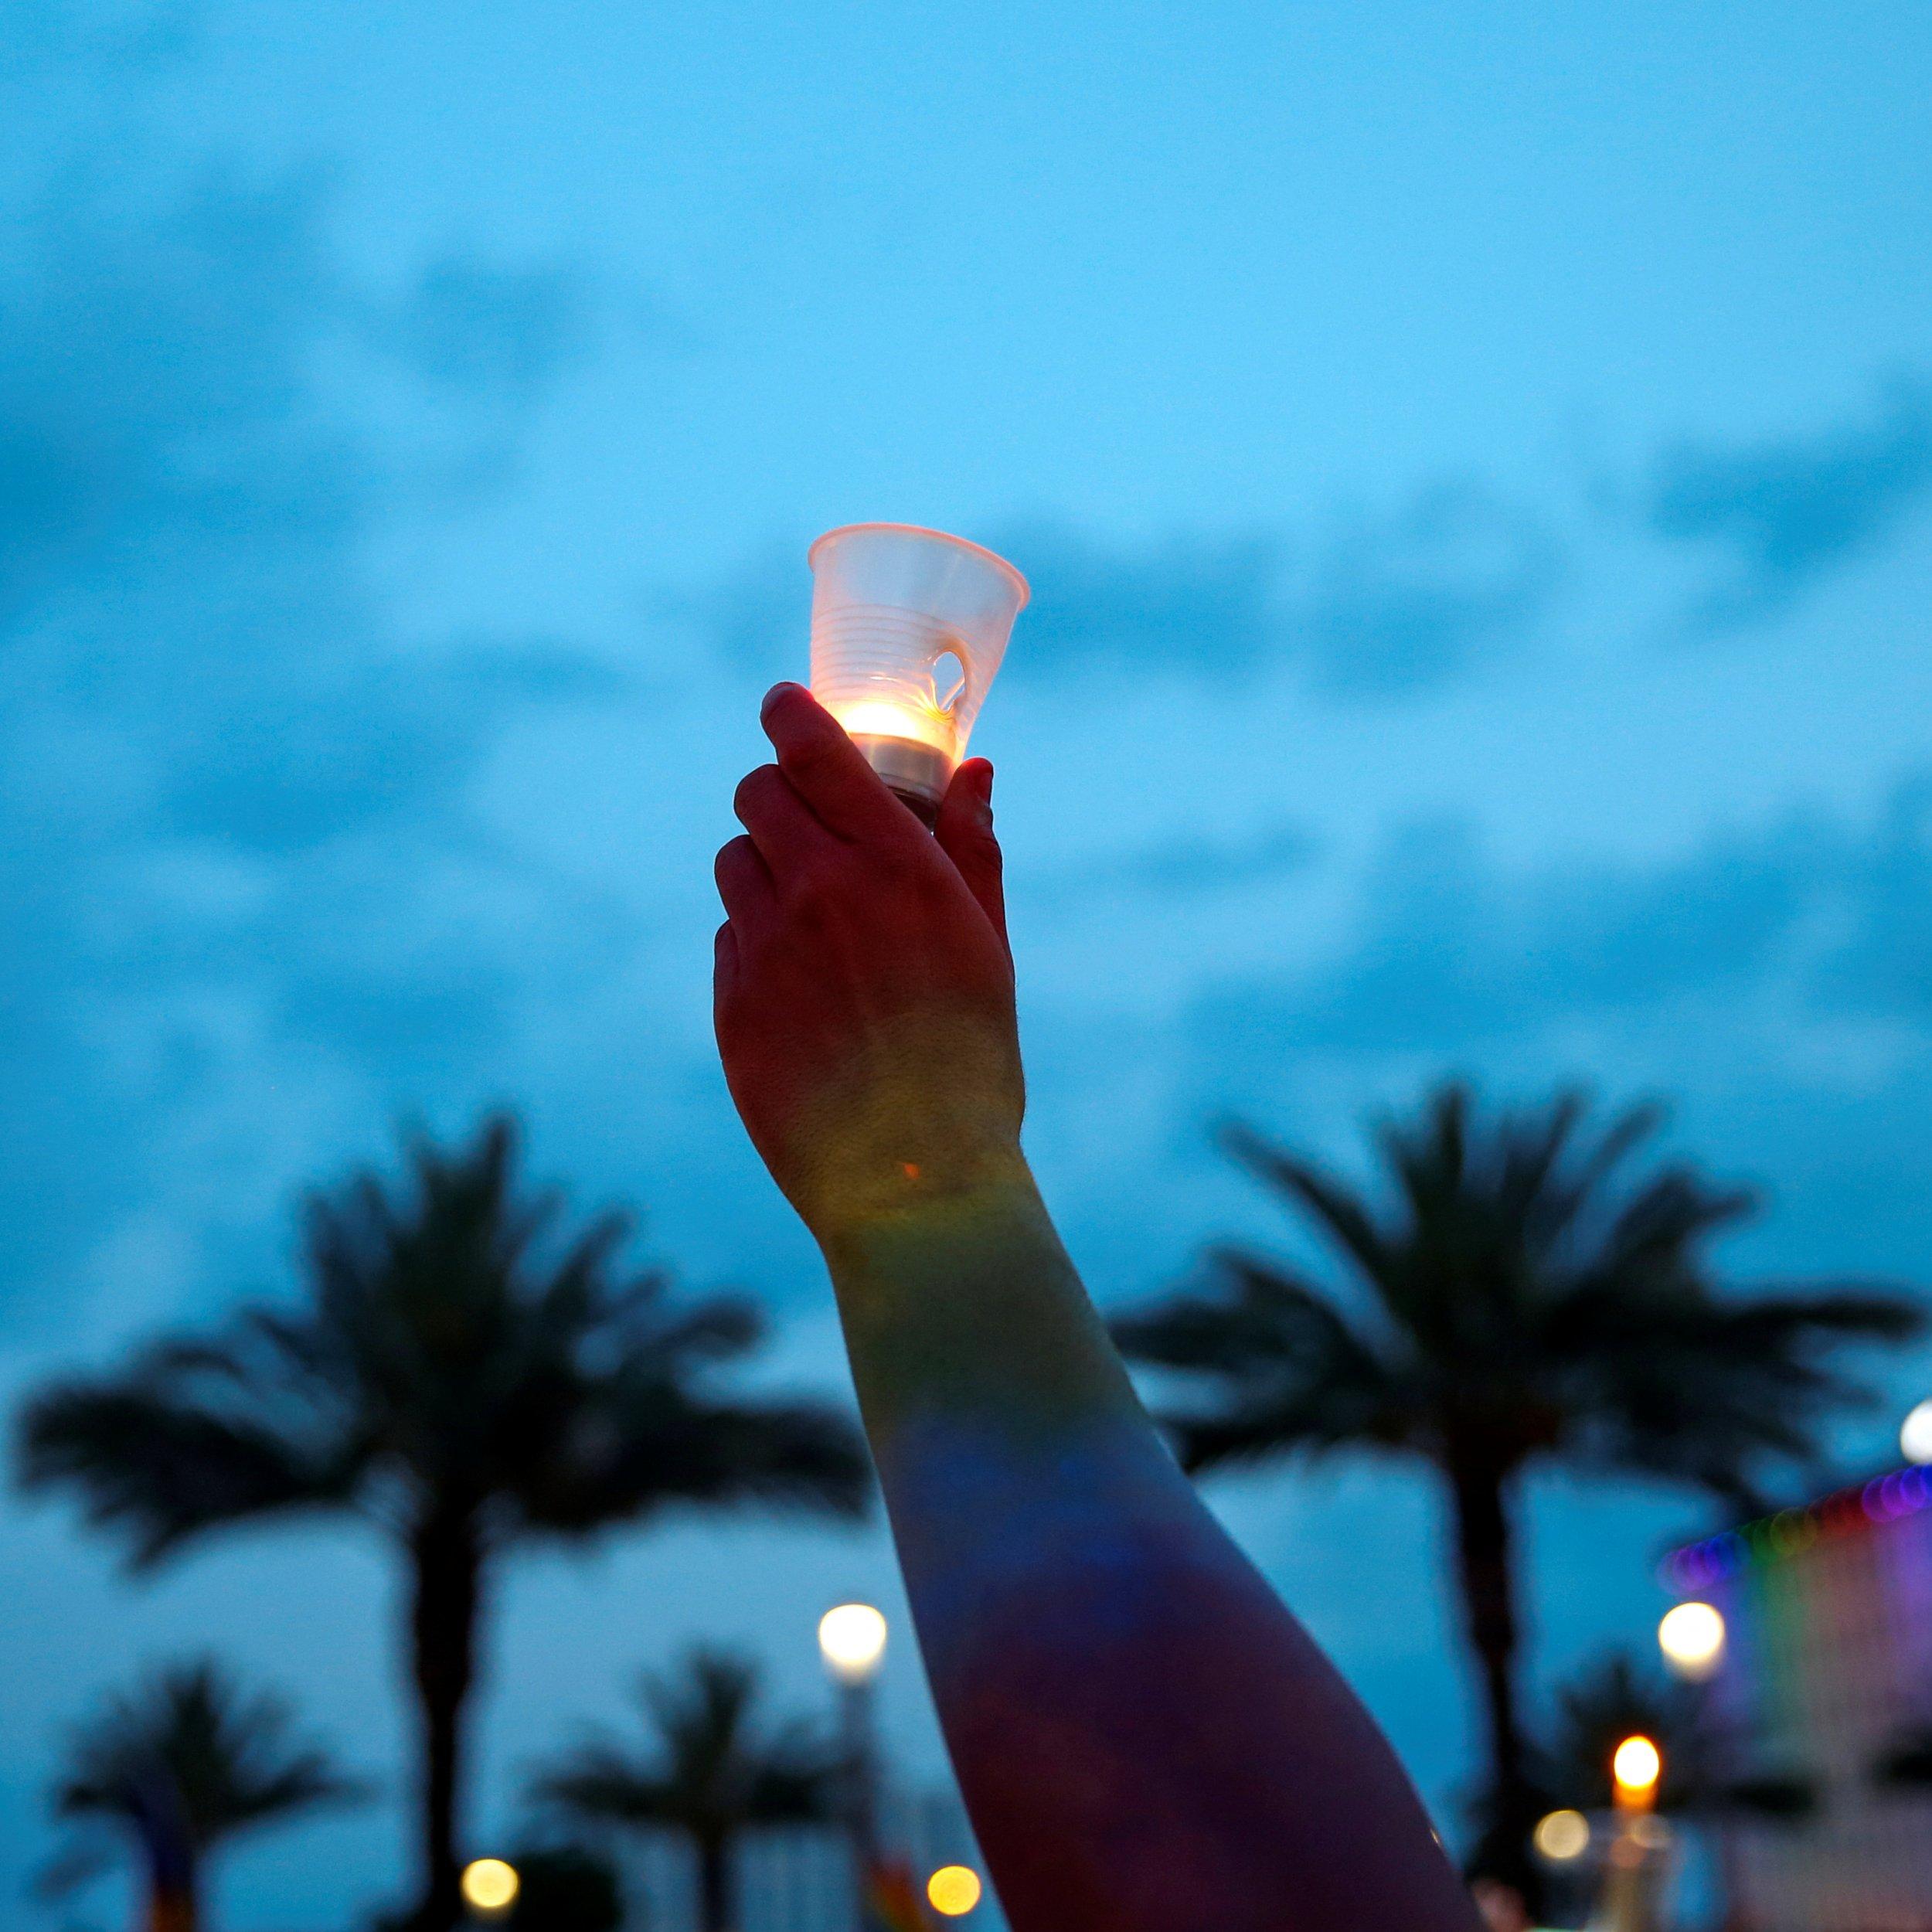 Carlos Diaz at a vigil